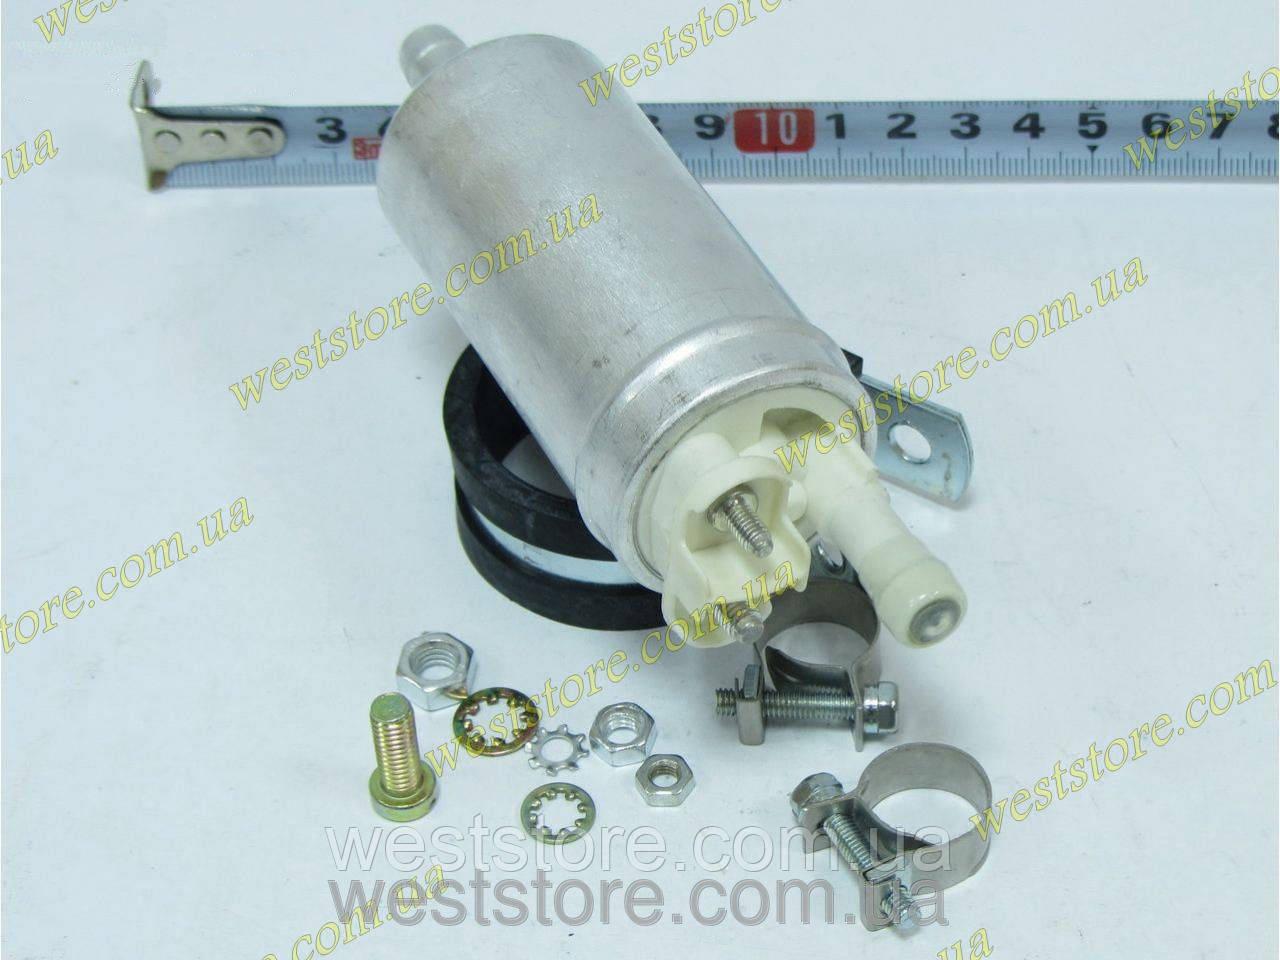 Электробензонасос низкого давления для карбюраторных автомобилей Ваз 2101 2102 2103 2104 2105 2106 2107 2121